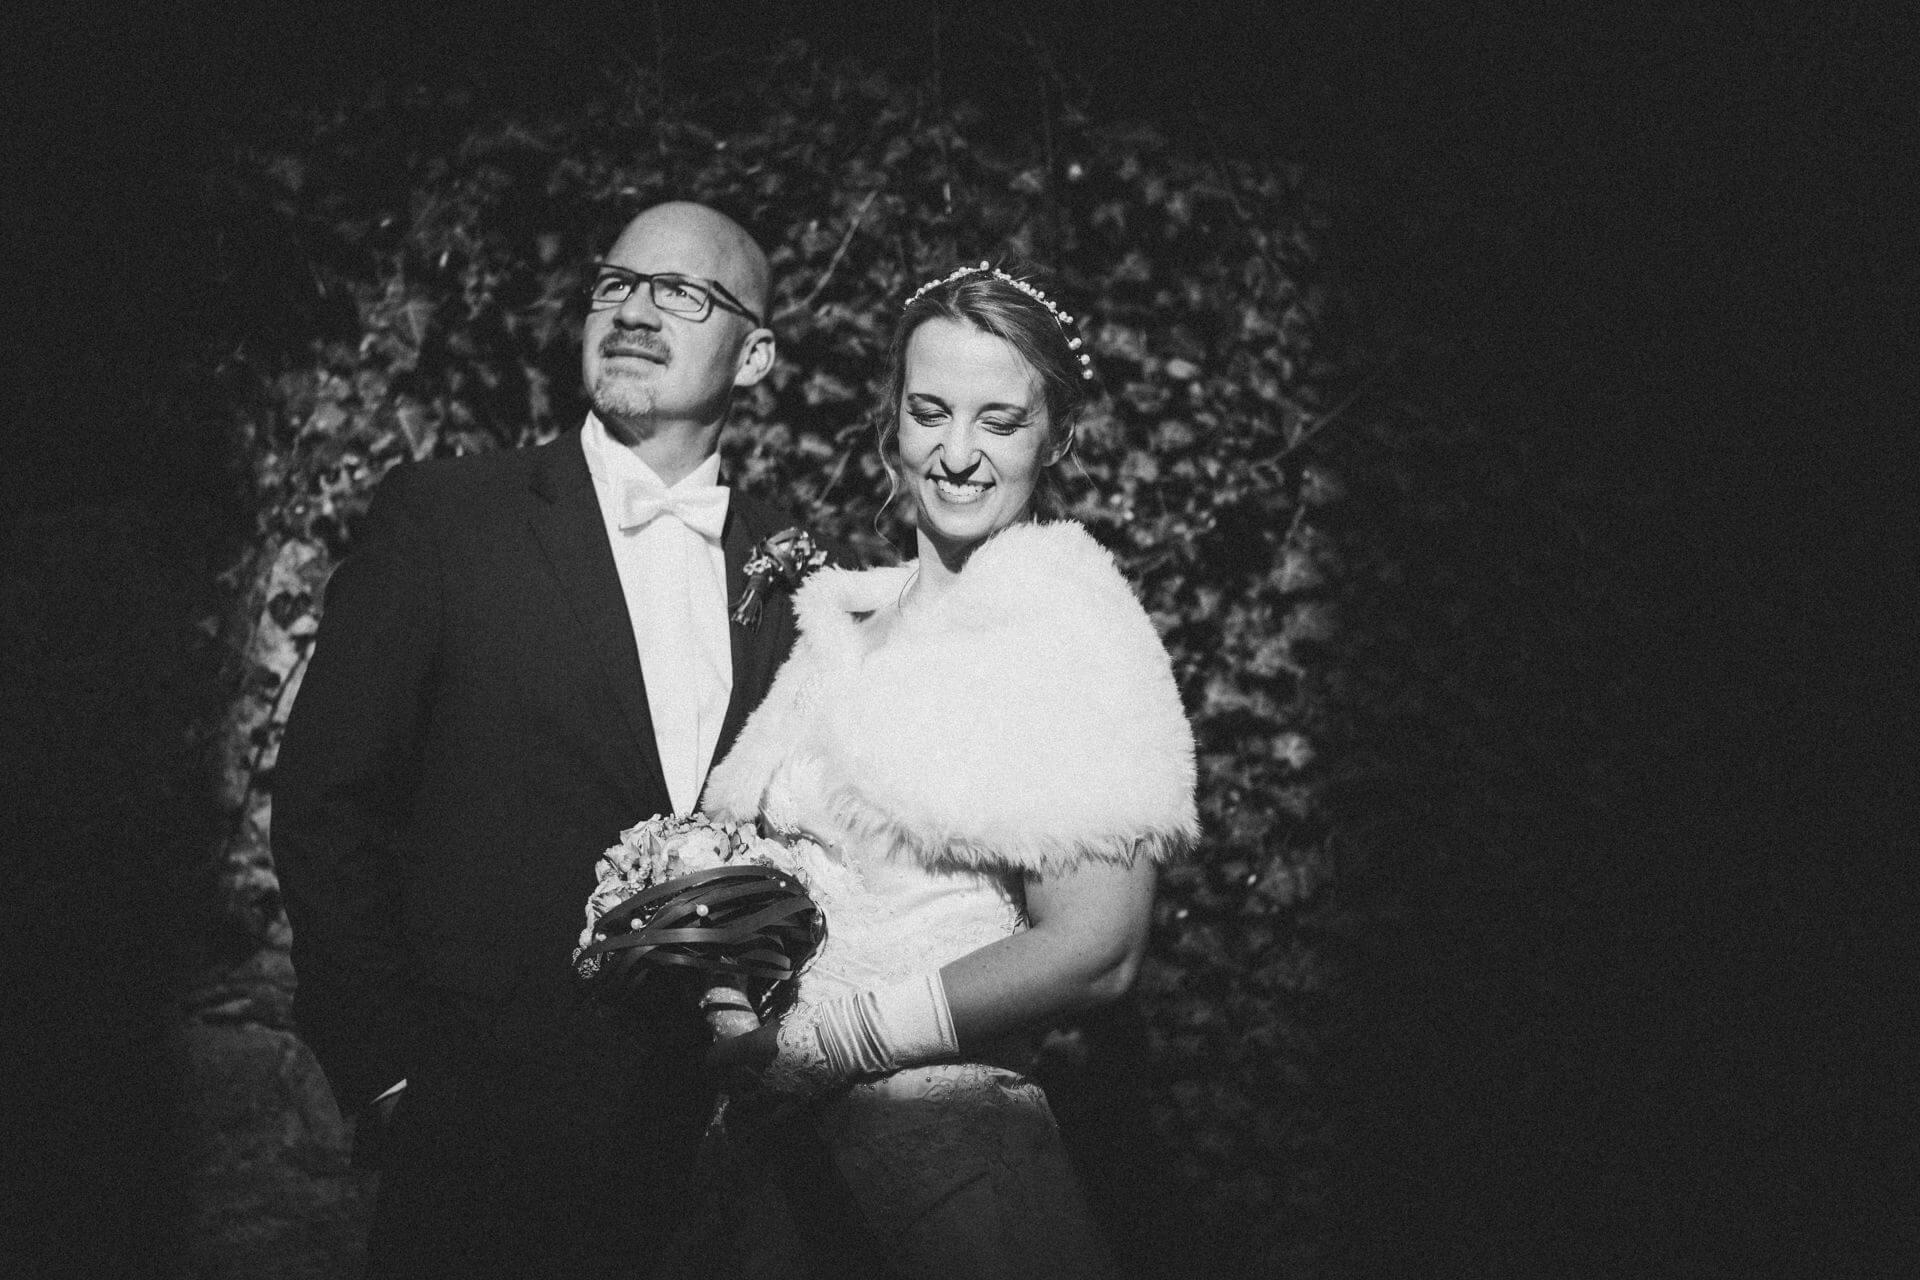 Hochzeitsfotograf Lollar - Hochzeitslocation Burg Staufenberg - Paarfotos auf der Burg